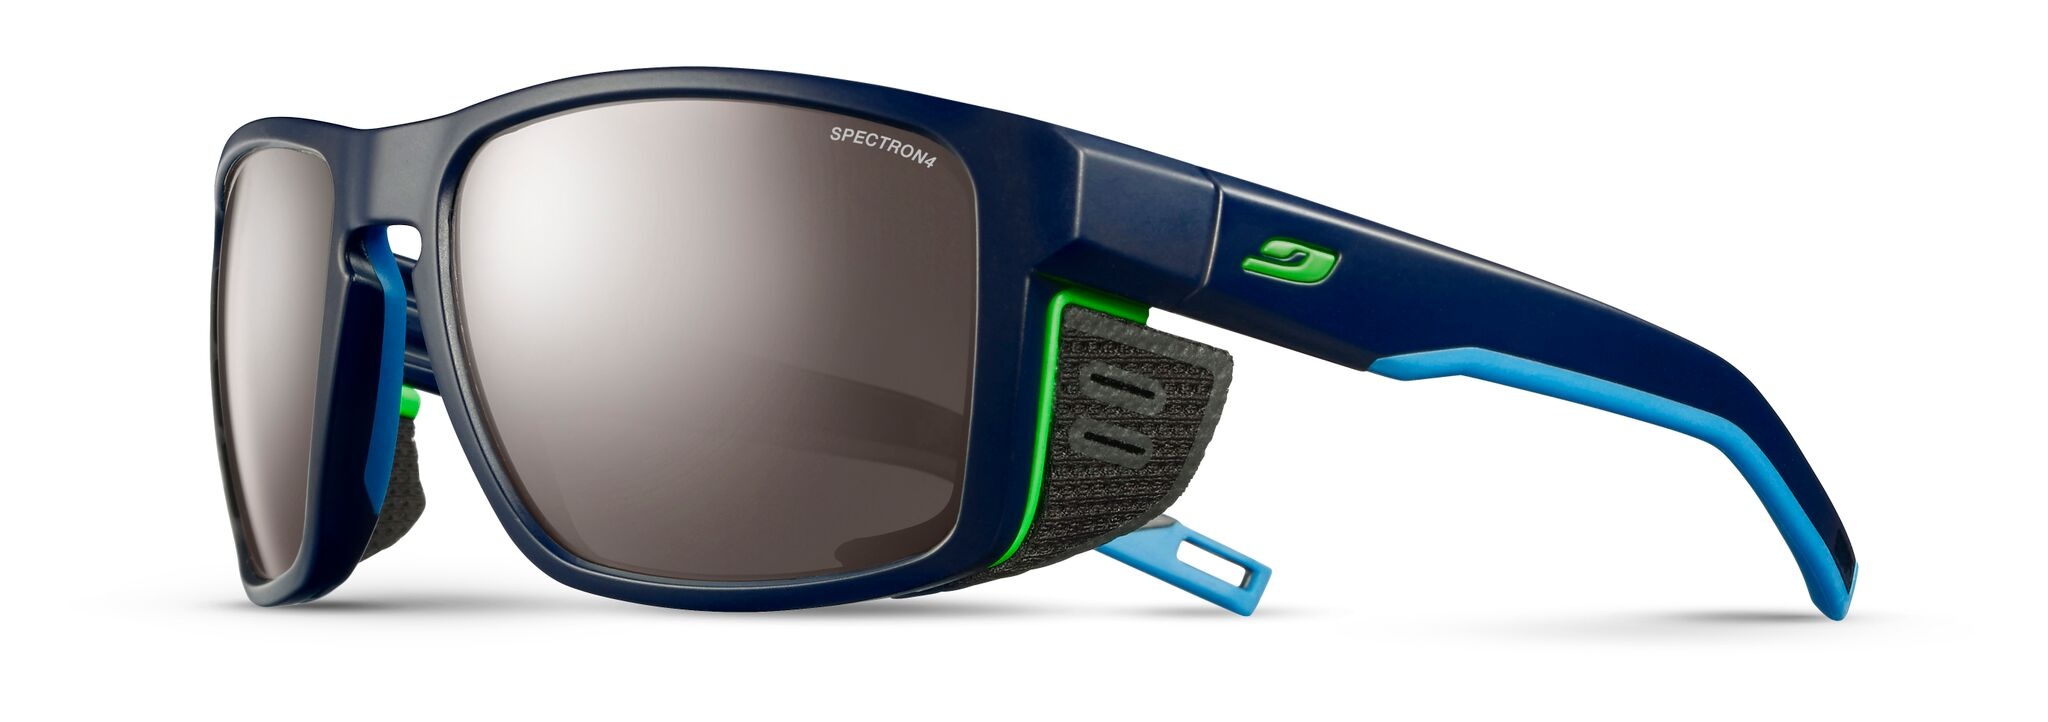 b43f33f78933e Julbo Shield J5066114 - Prescription Sunglasses